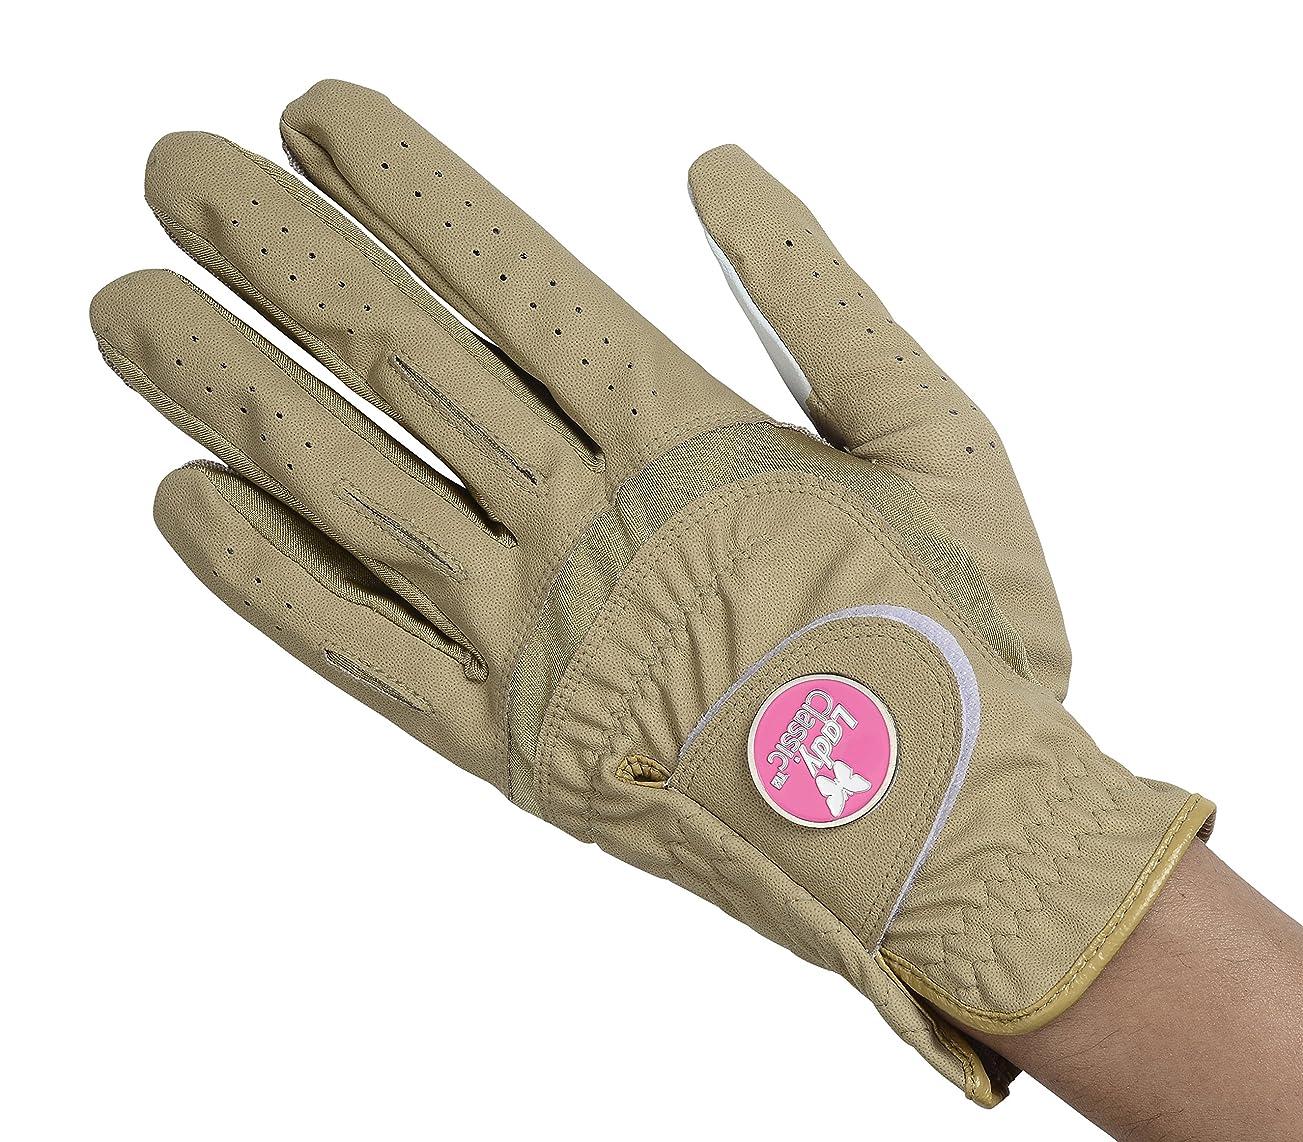 レシピ保安大工レディークラシックレディースソフトフレックス手袋、磁気ボールマーカー、右手、ベージュ、ミディアム